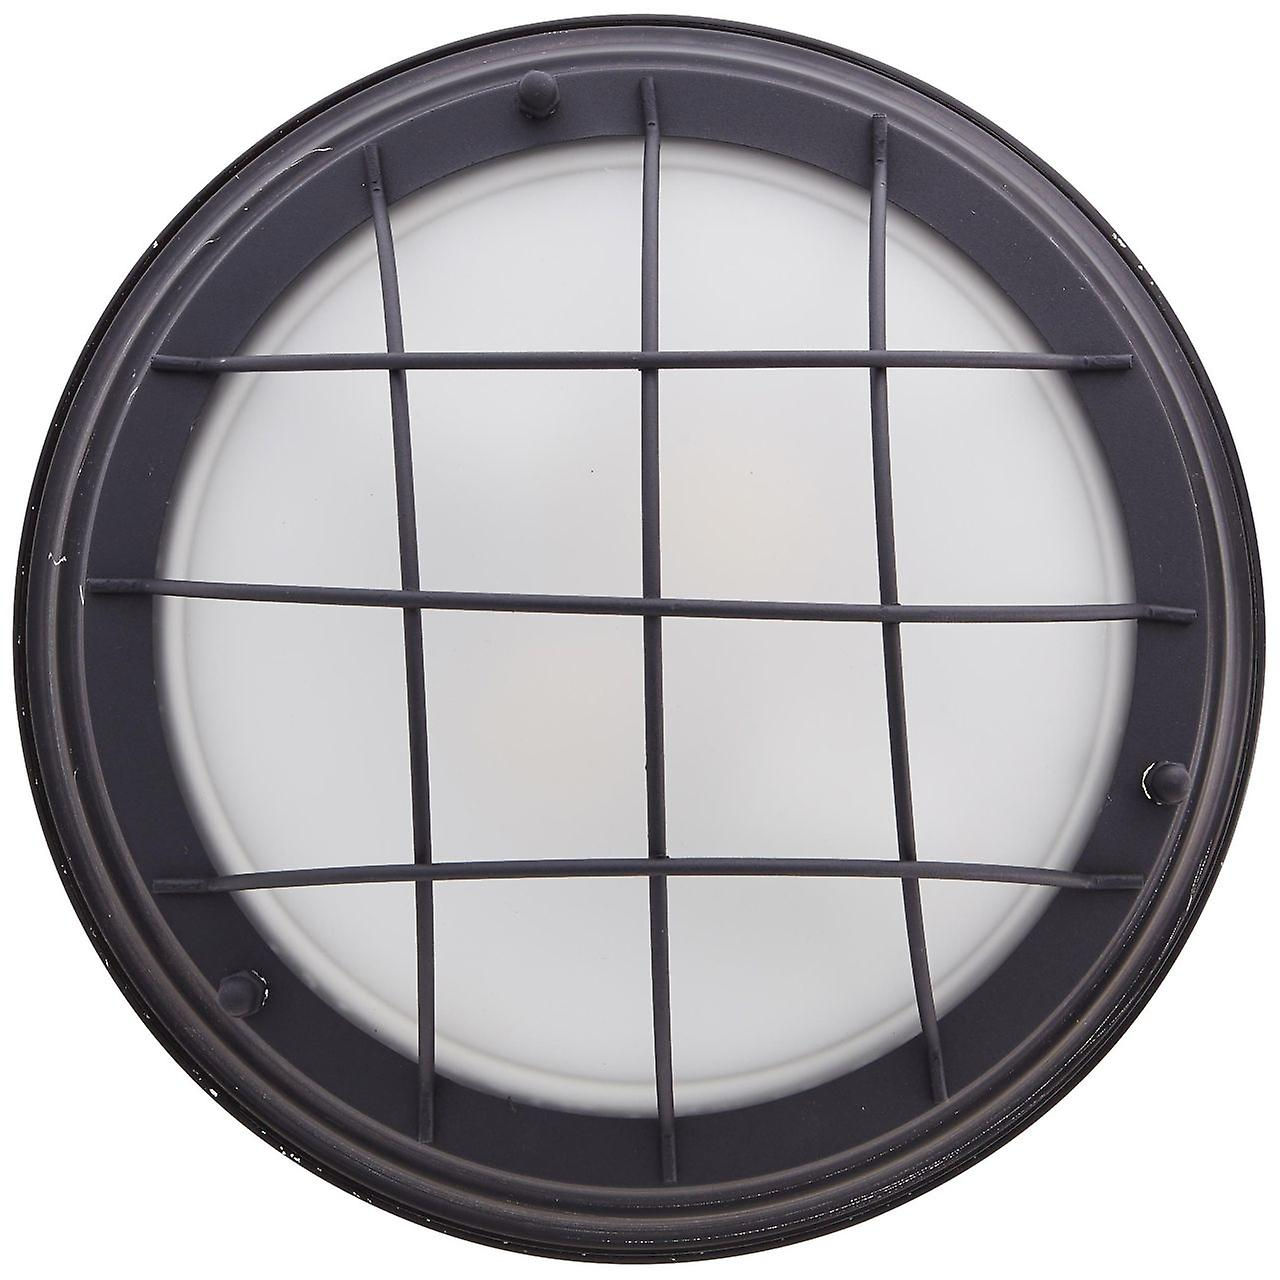 BRILLIANT Lampe Typhoon Wand- und Deckenleuchte 34cm schwarz antik   2x A60, E27, 25W, geeignet für Normallampen (nicht enthalten)   Skala A++ bis E   Für LED-Leuchtmittel geeignet